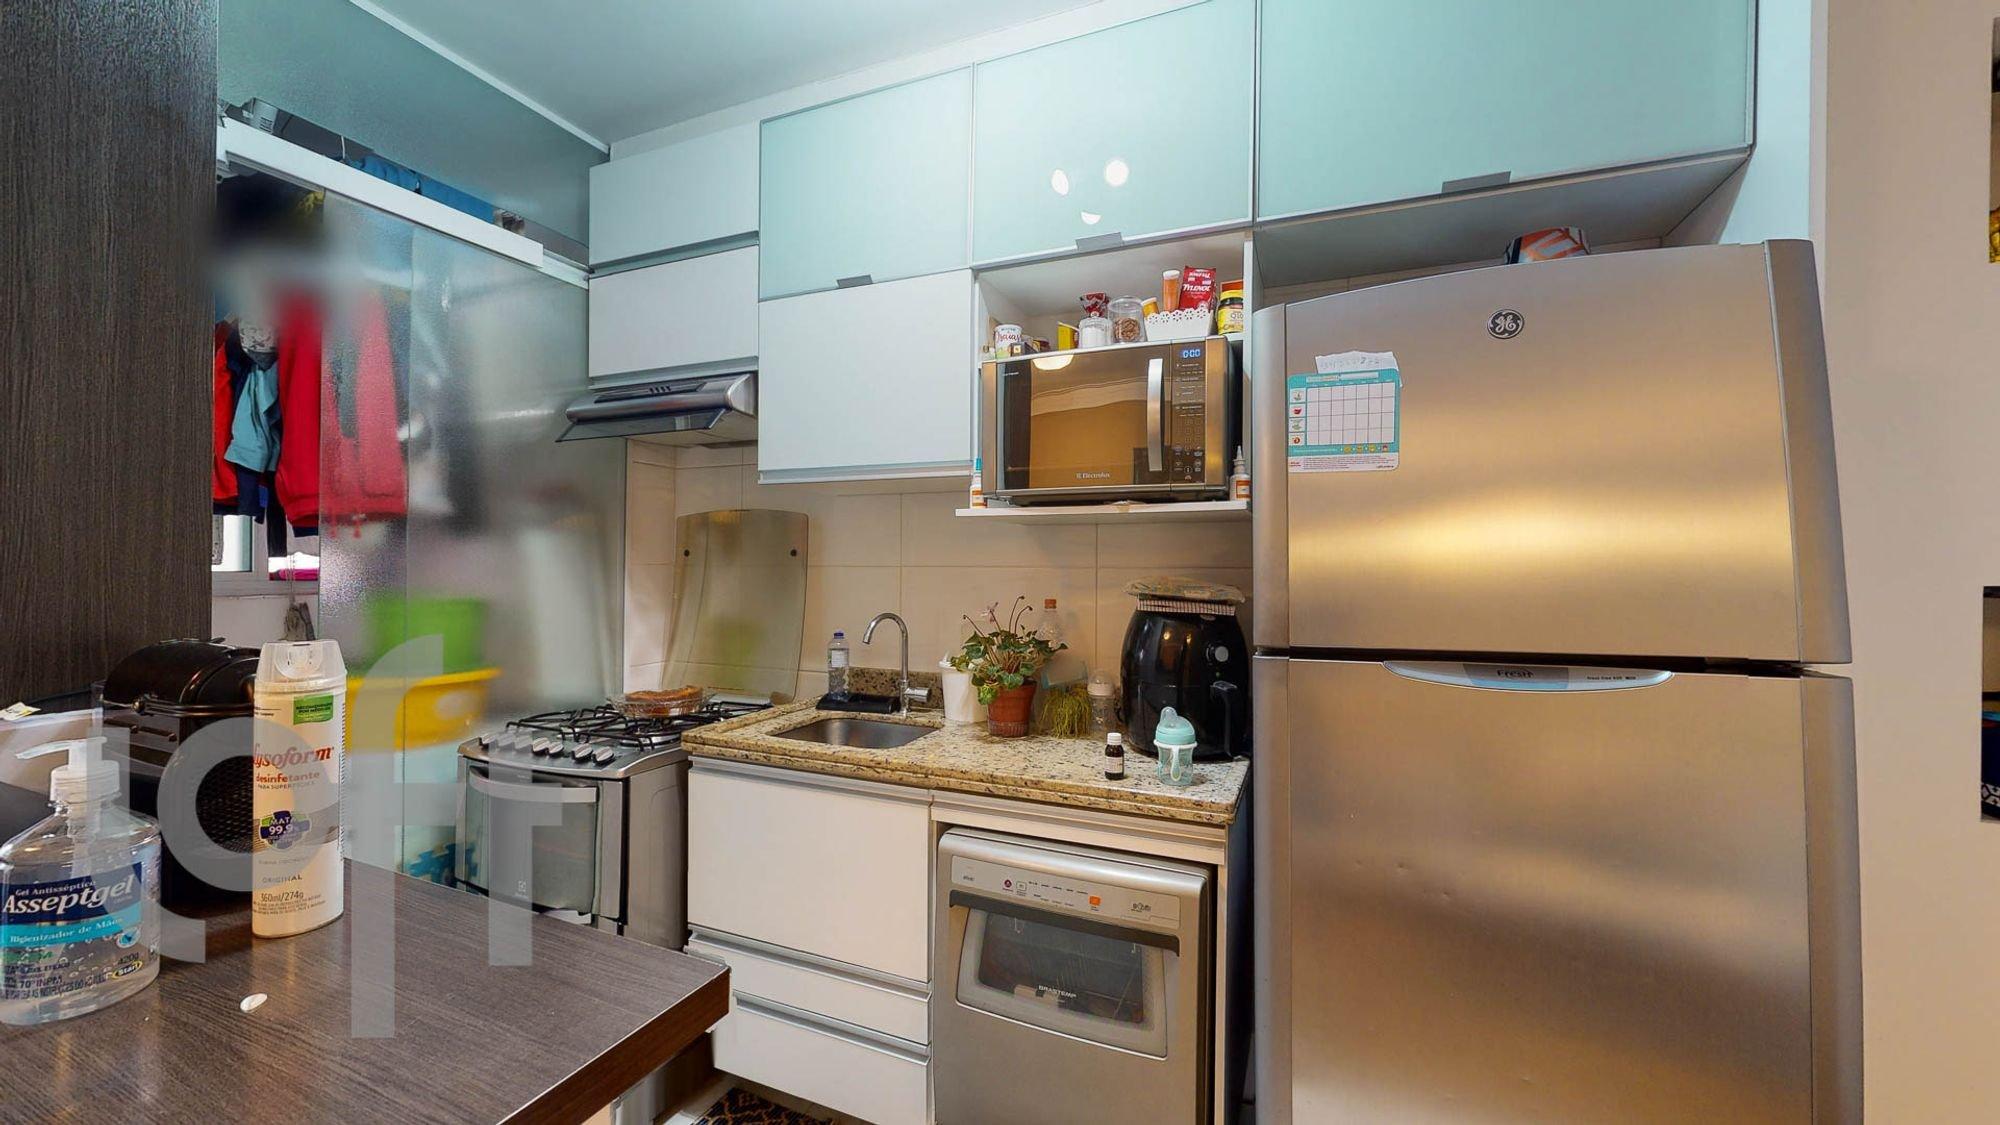 Foto de Cozinha com vaso de planta, forno, geladeira, pia, microondas